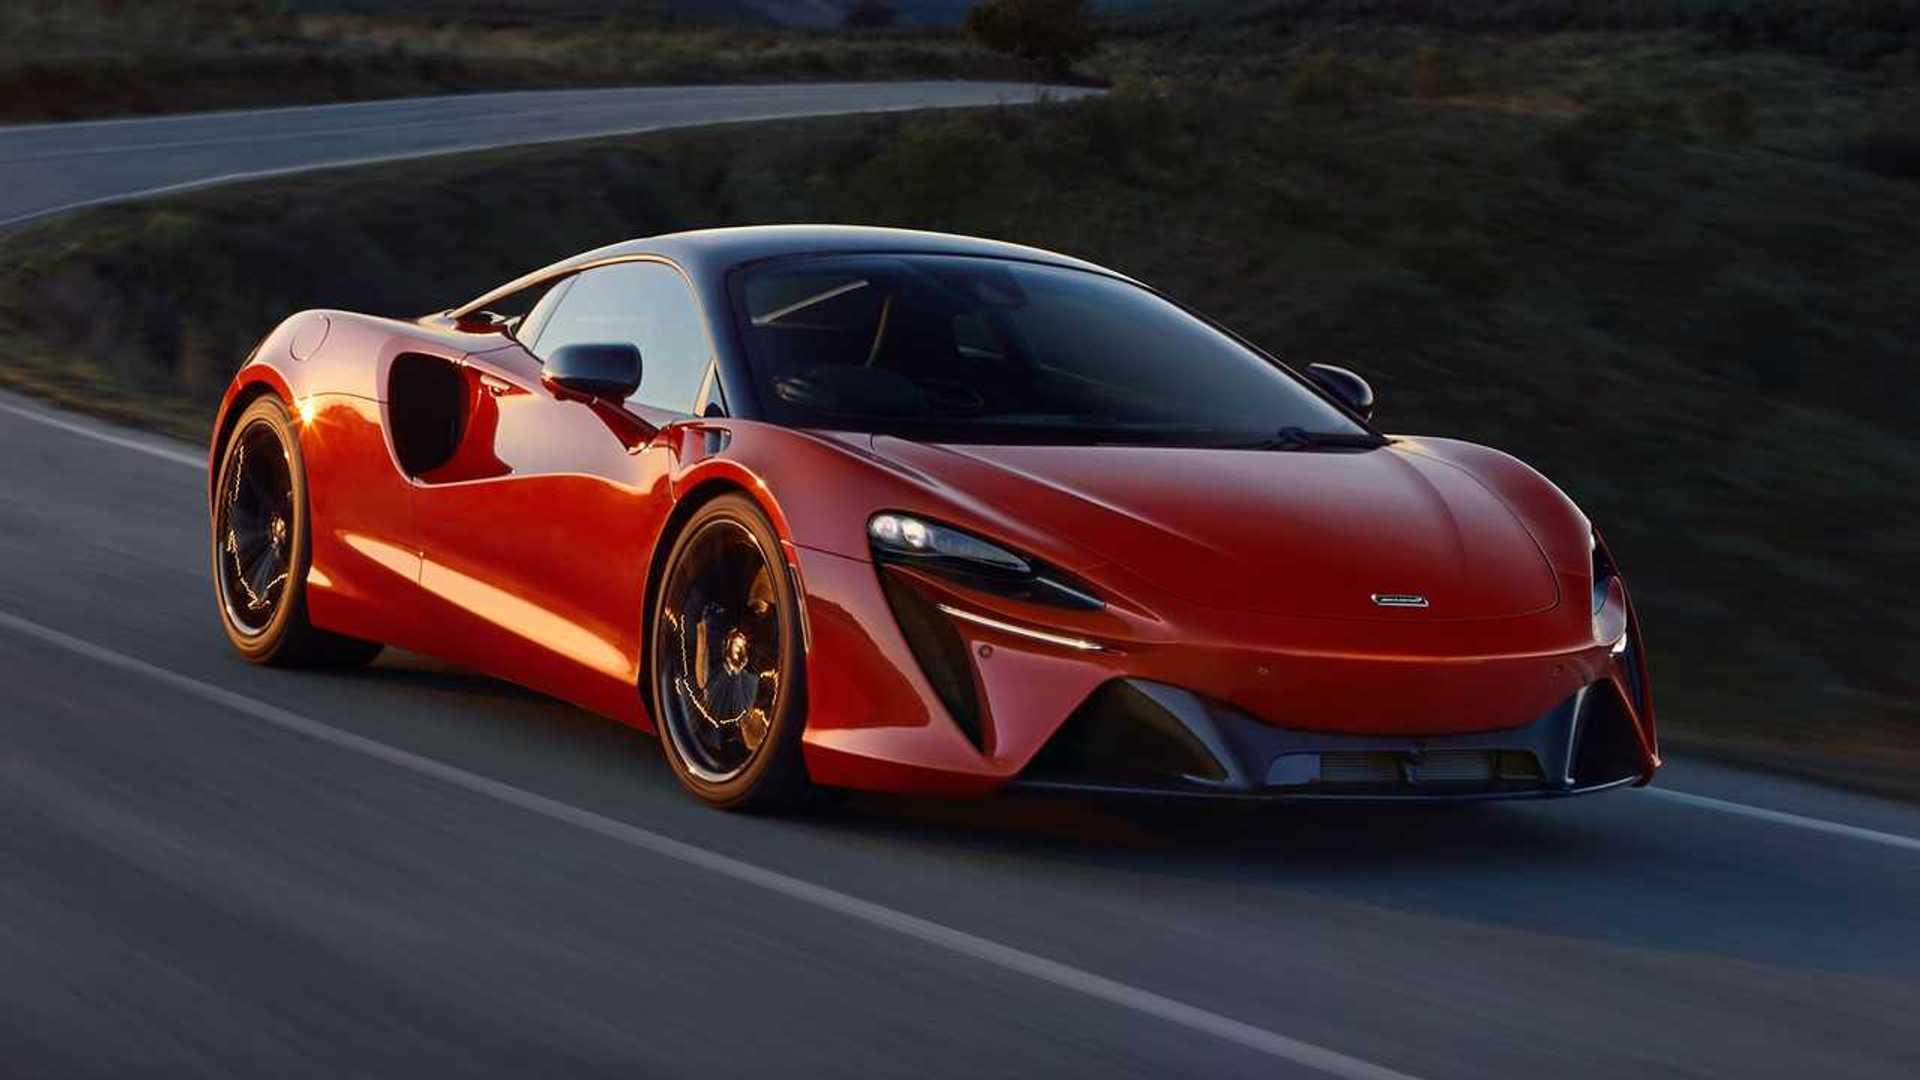 2022 McLaren Artura Front On Road